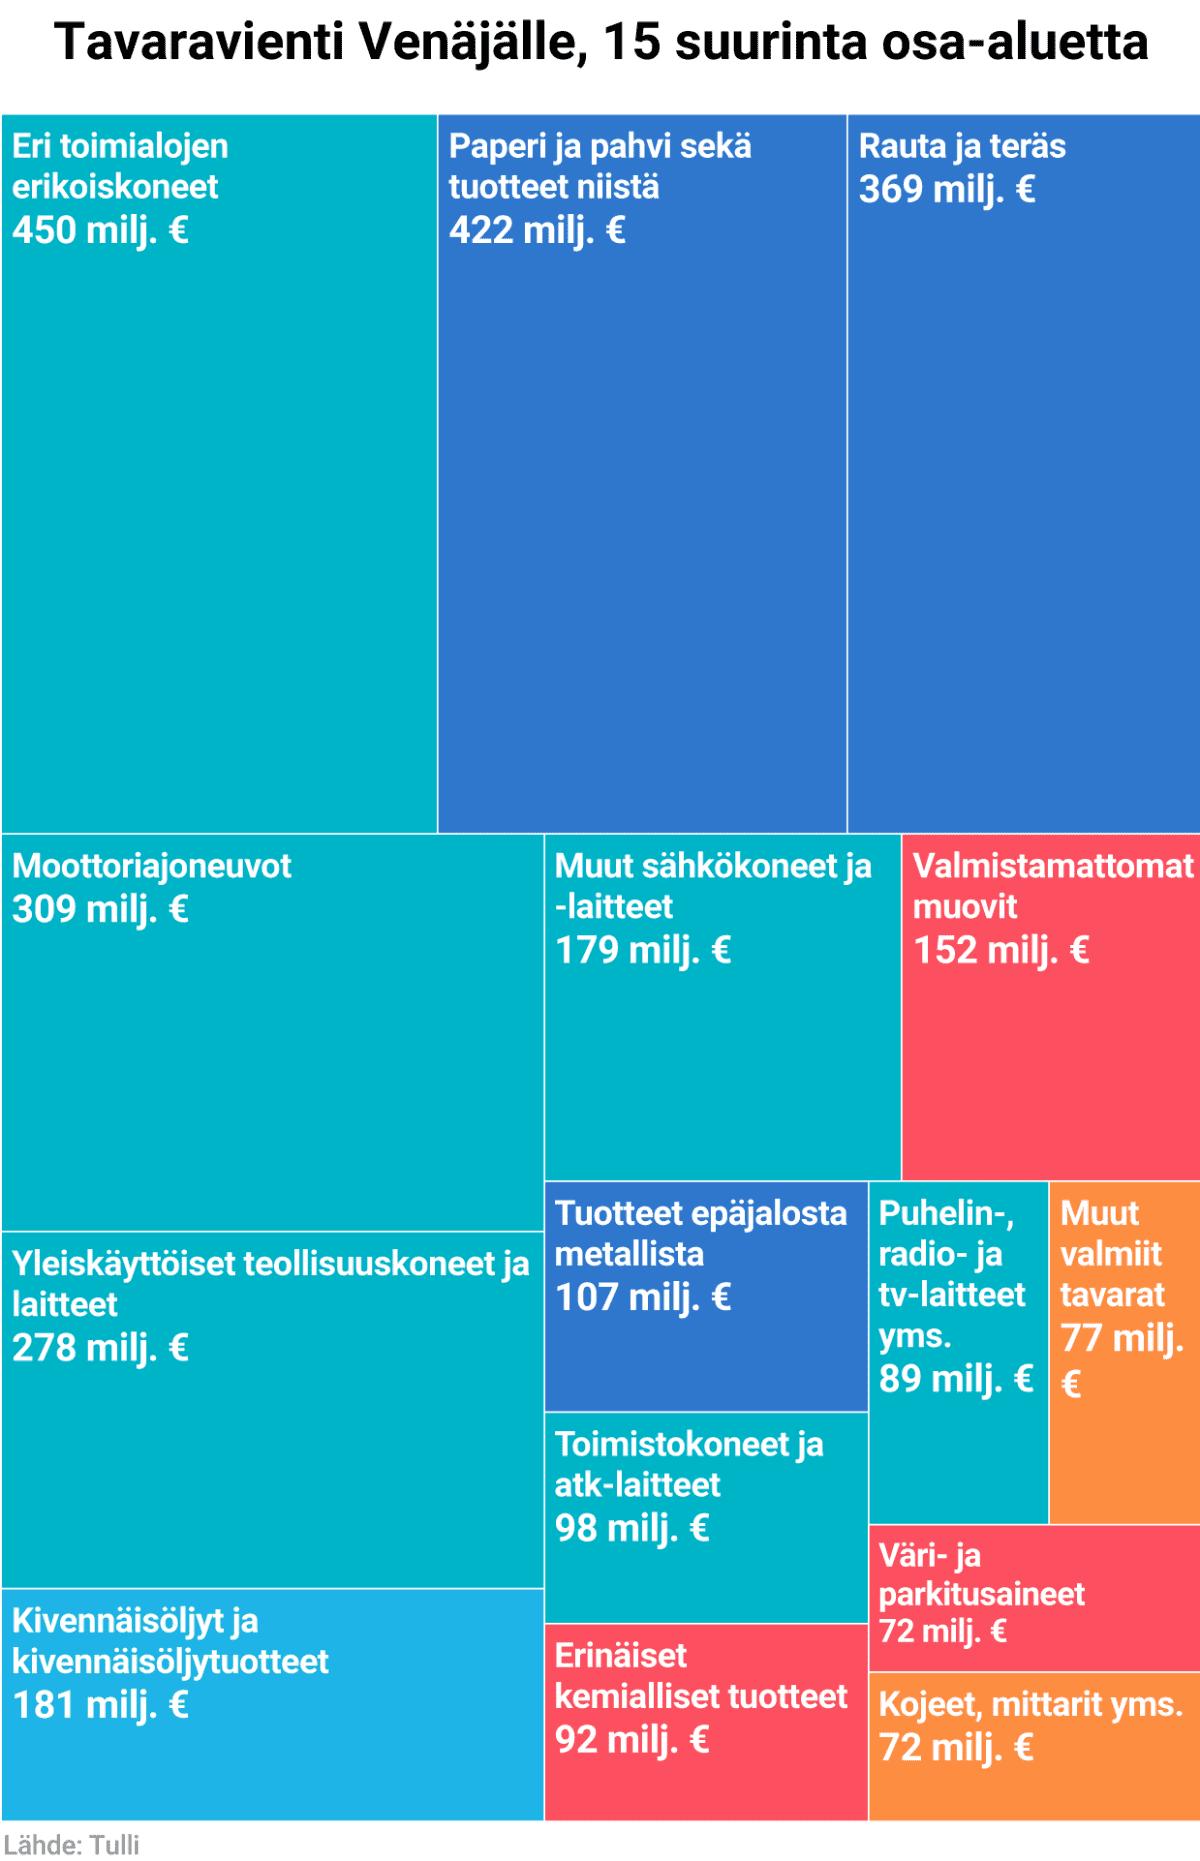 Tavaravienti Venäjälle, 15 suurinta osa-aluetta